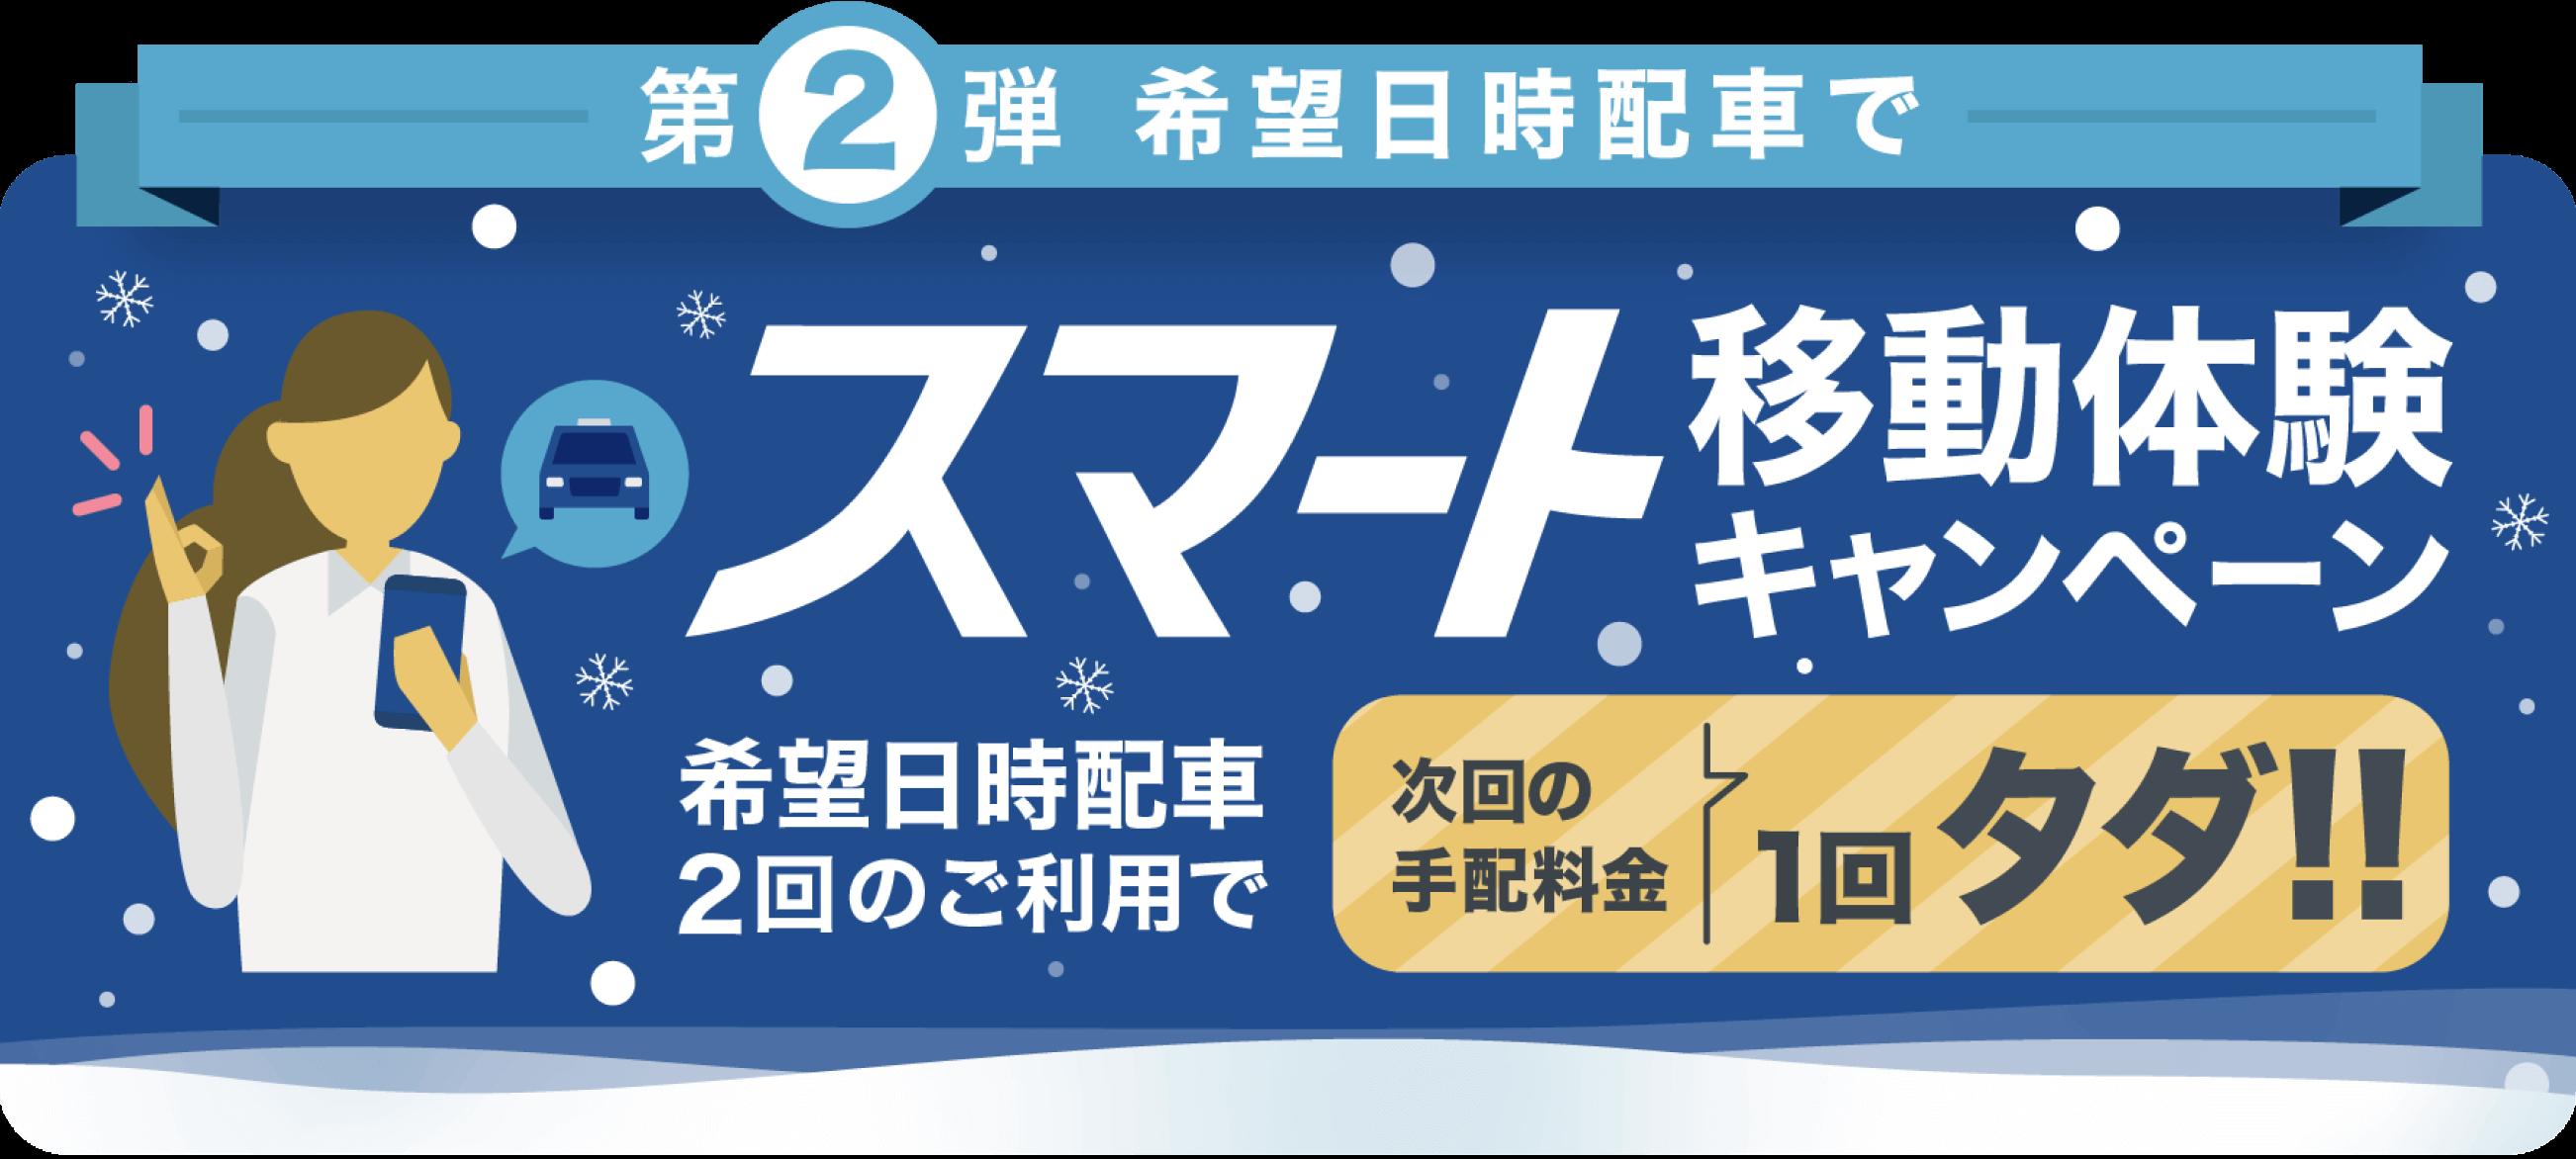 GOタクシー『スマート移動体験キャンペーン』詳細